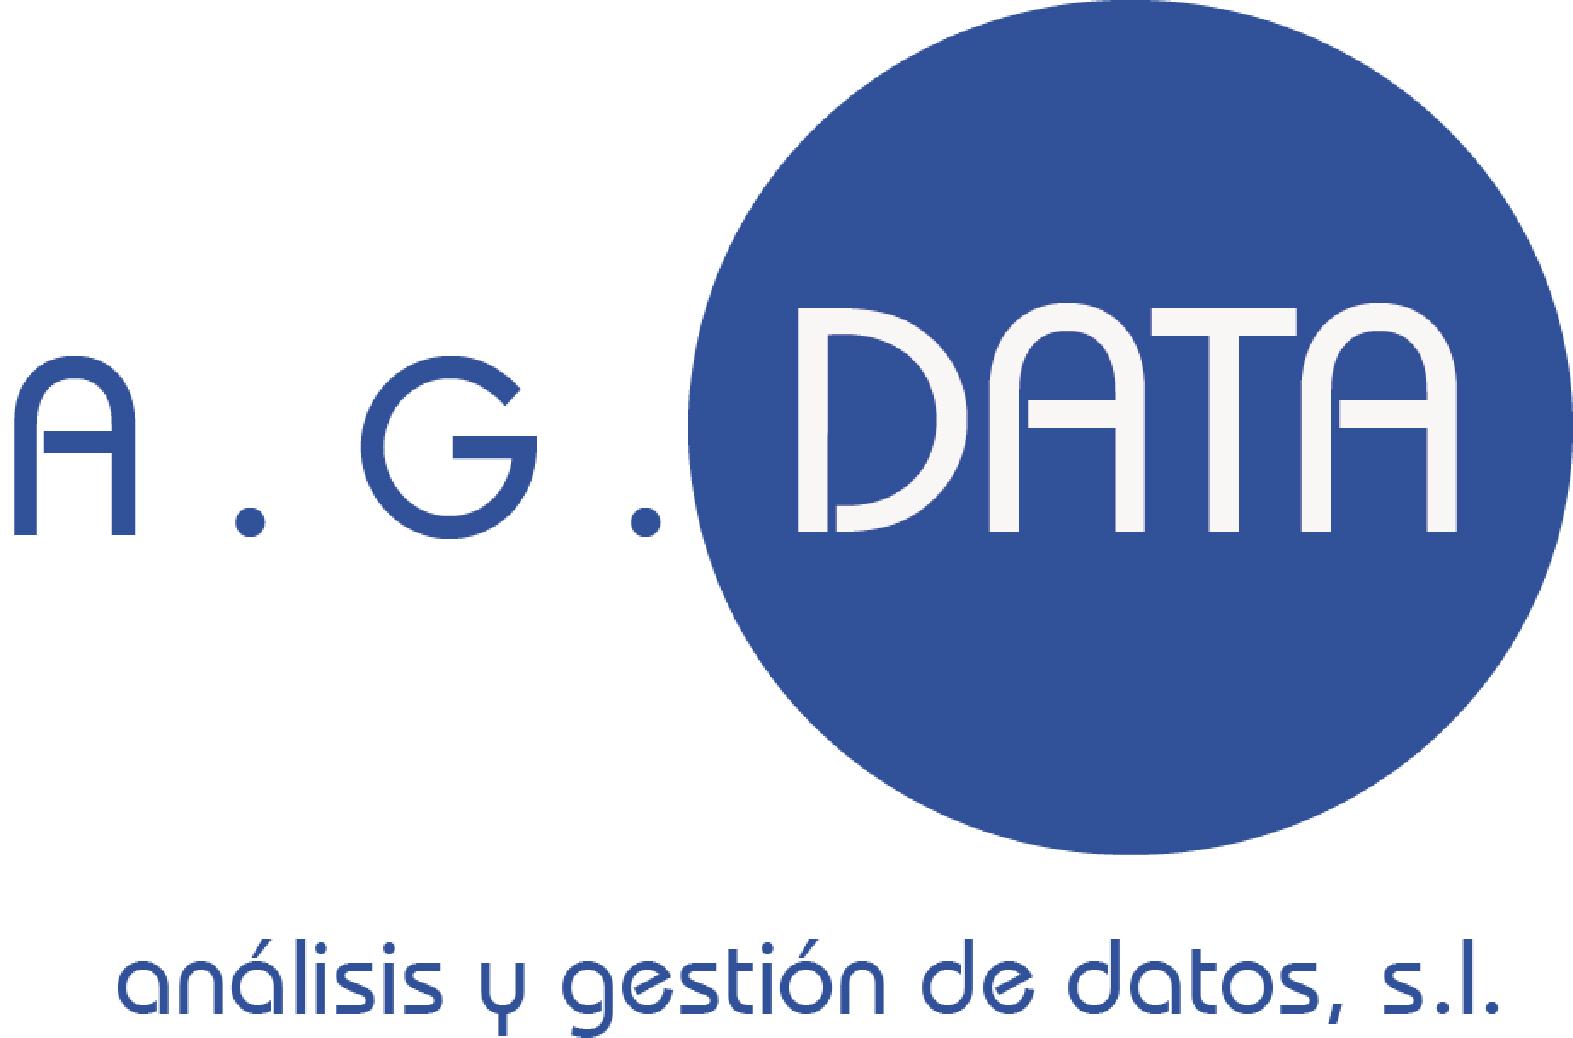 logotipo de ANALISIS Y GESTION DE DATOS SL